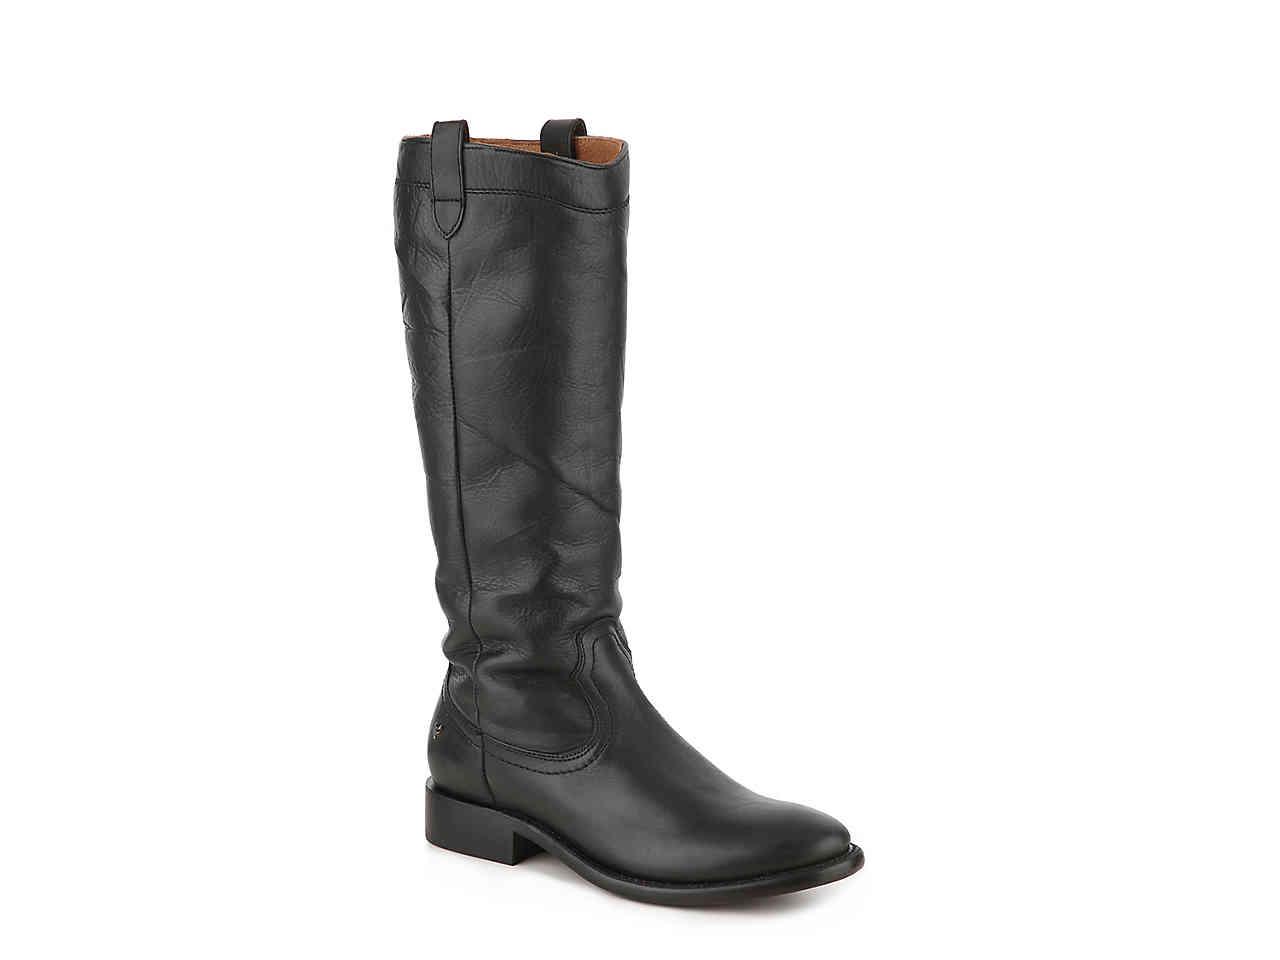 presentando tutte le ultime tendenze della moda NEW WMNS Dimensione 10 M TRASK nero nero nero Genuine Leather Riding stivali  ADDALIN Bags  388  nuovi prodotti novità